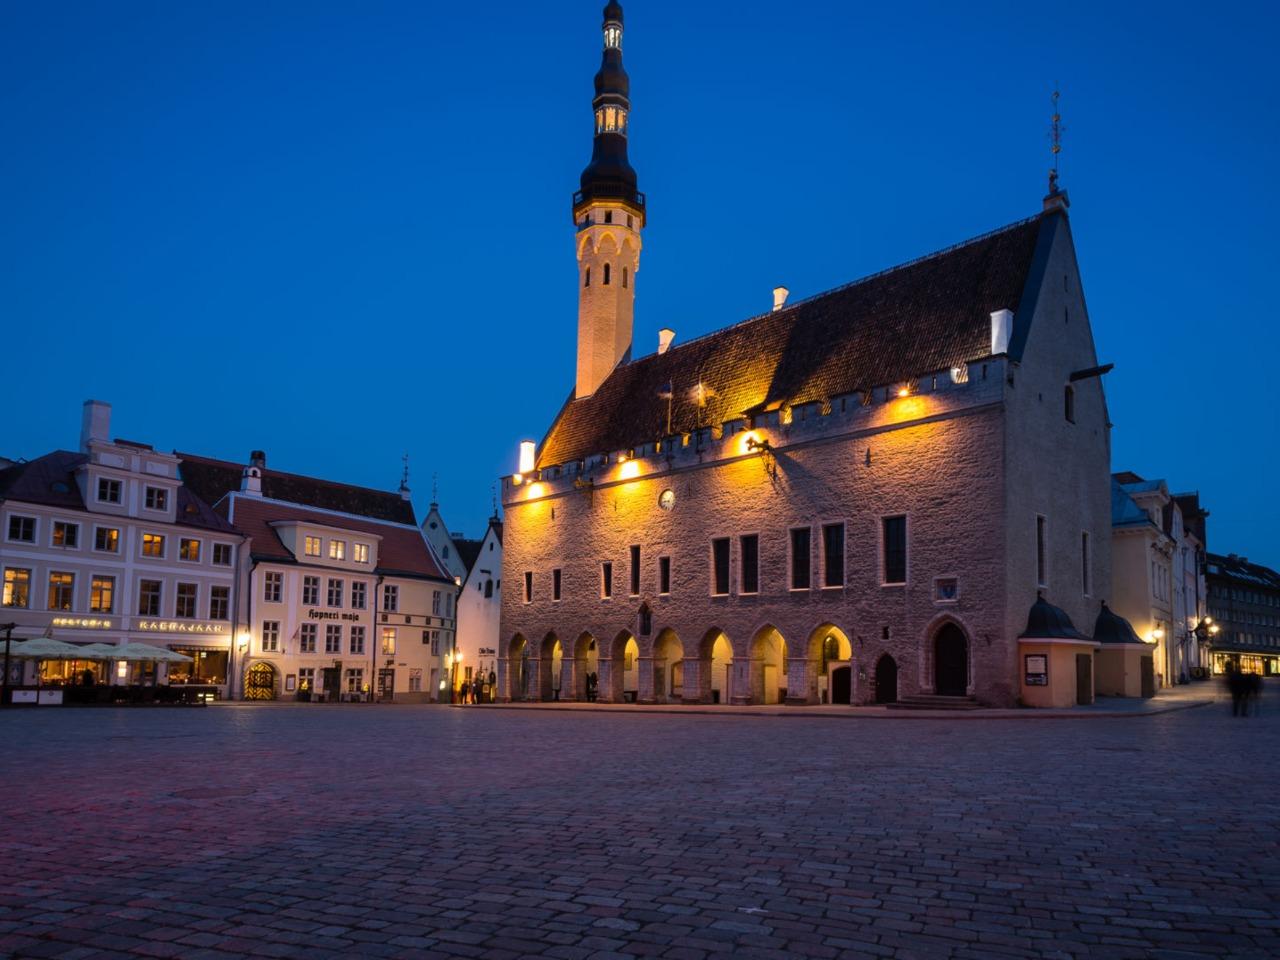 Таллин: экскурсия в городскую ратушу - индивидуальная экскурсия в Таллине от опытного гида